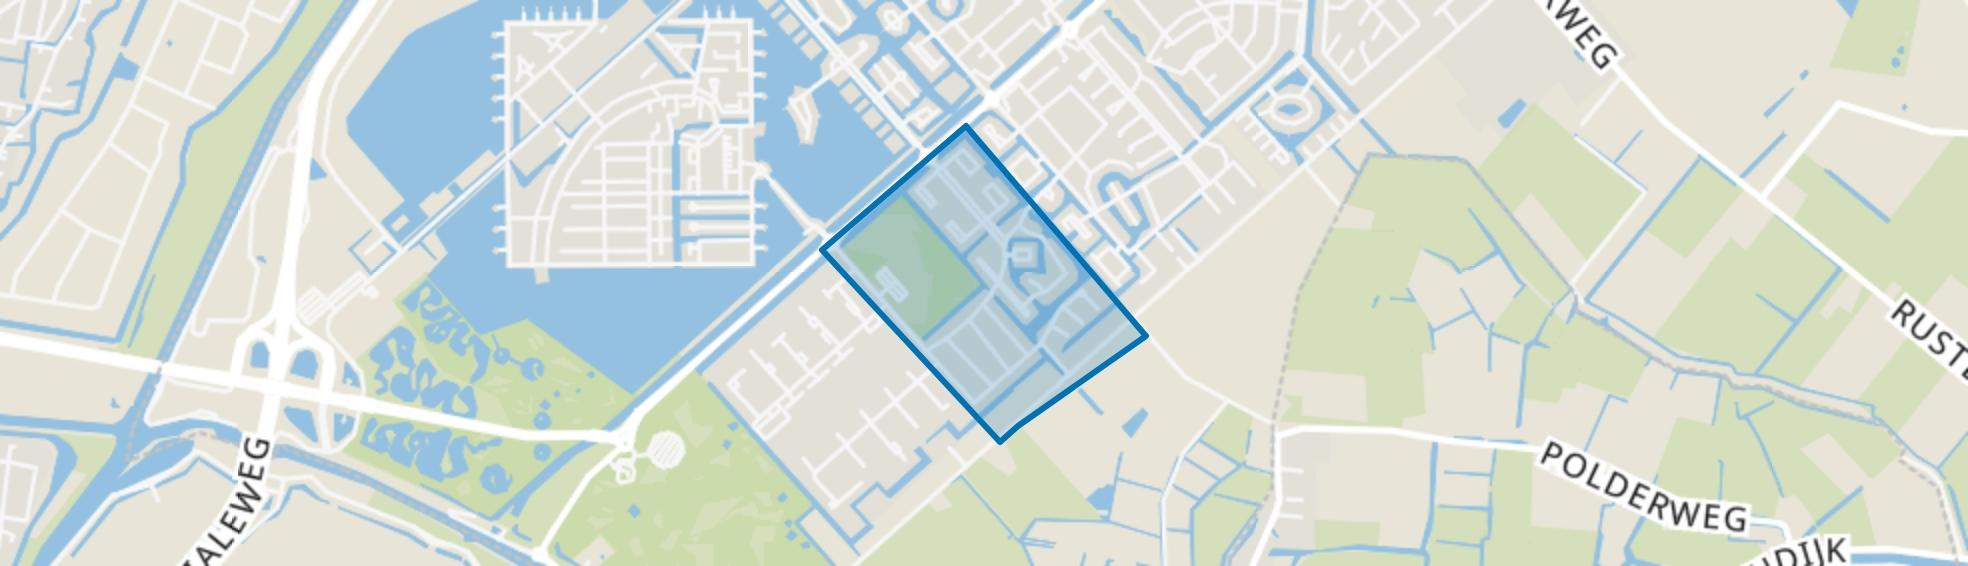 Huygenhoek 2, Heerhugowaard map